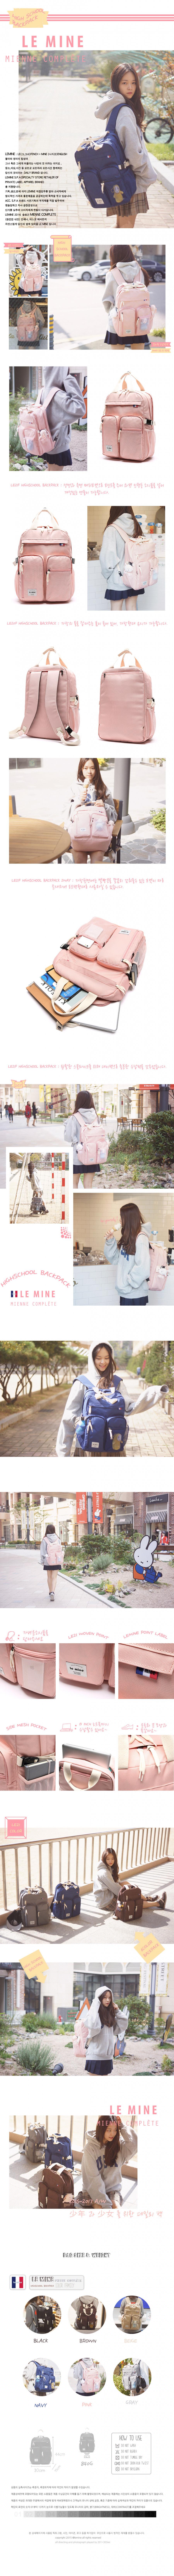 르마인(LEMINE) 르마인 High School backpack 백팩 (핑크)